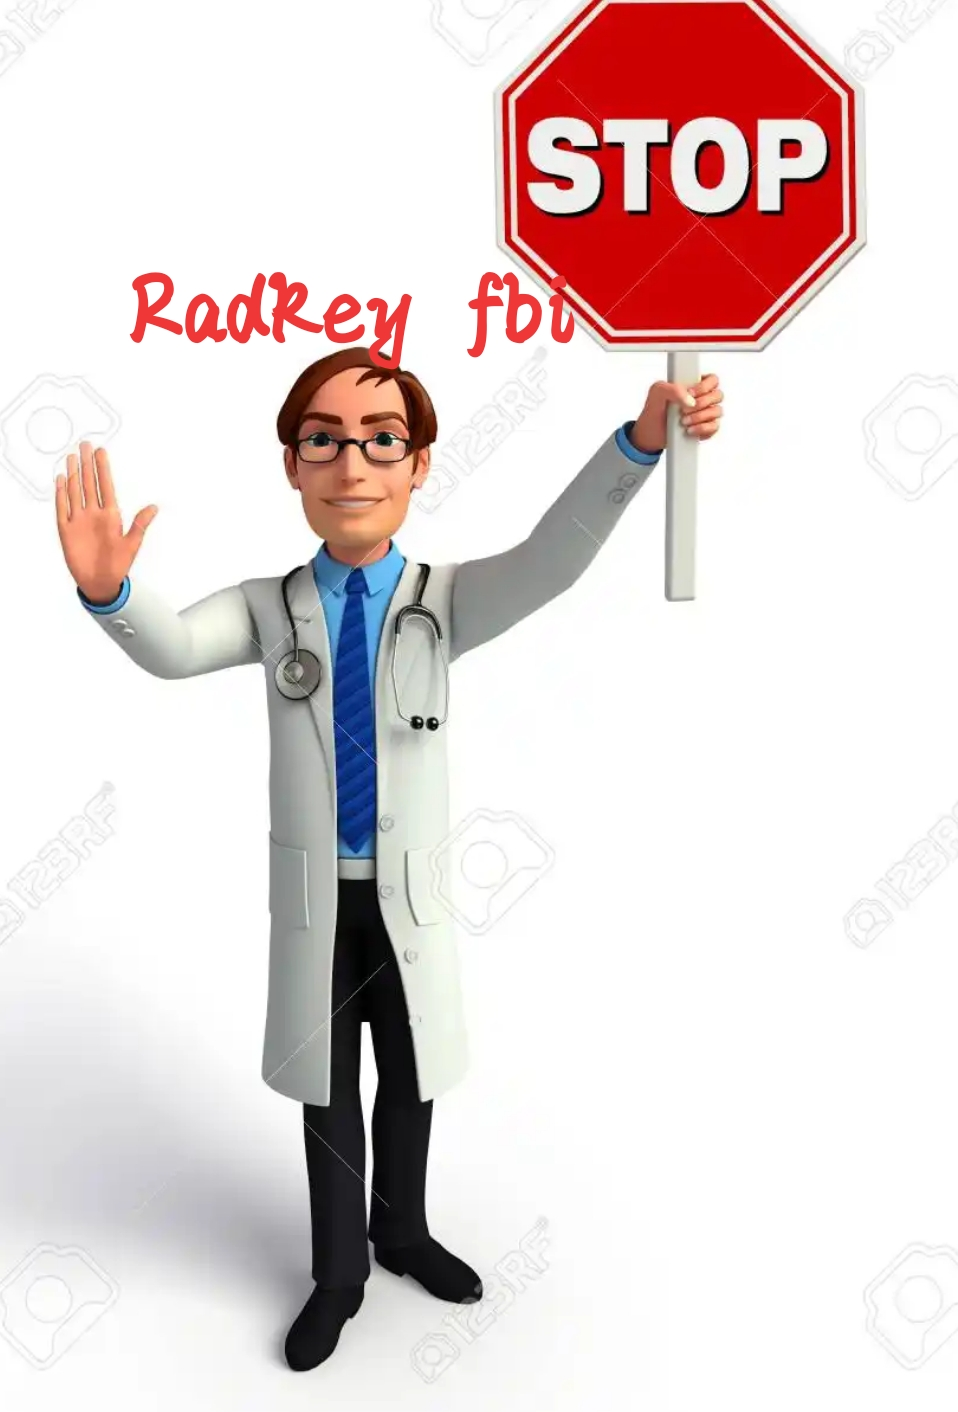 Radkey fbi - Stop